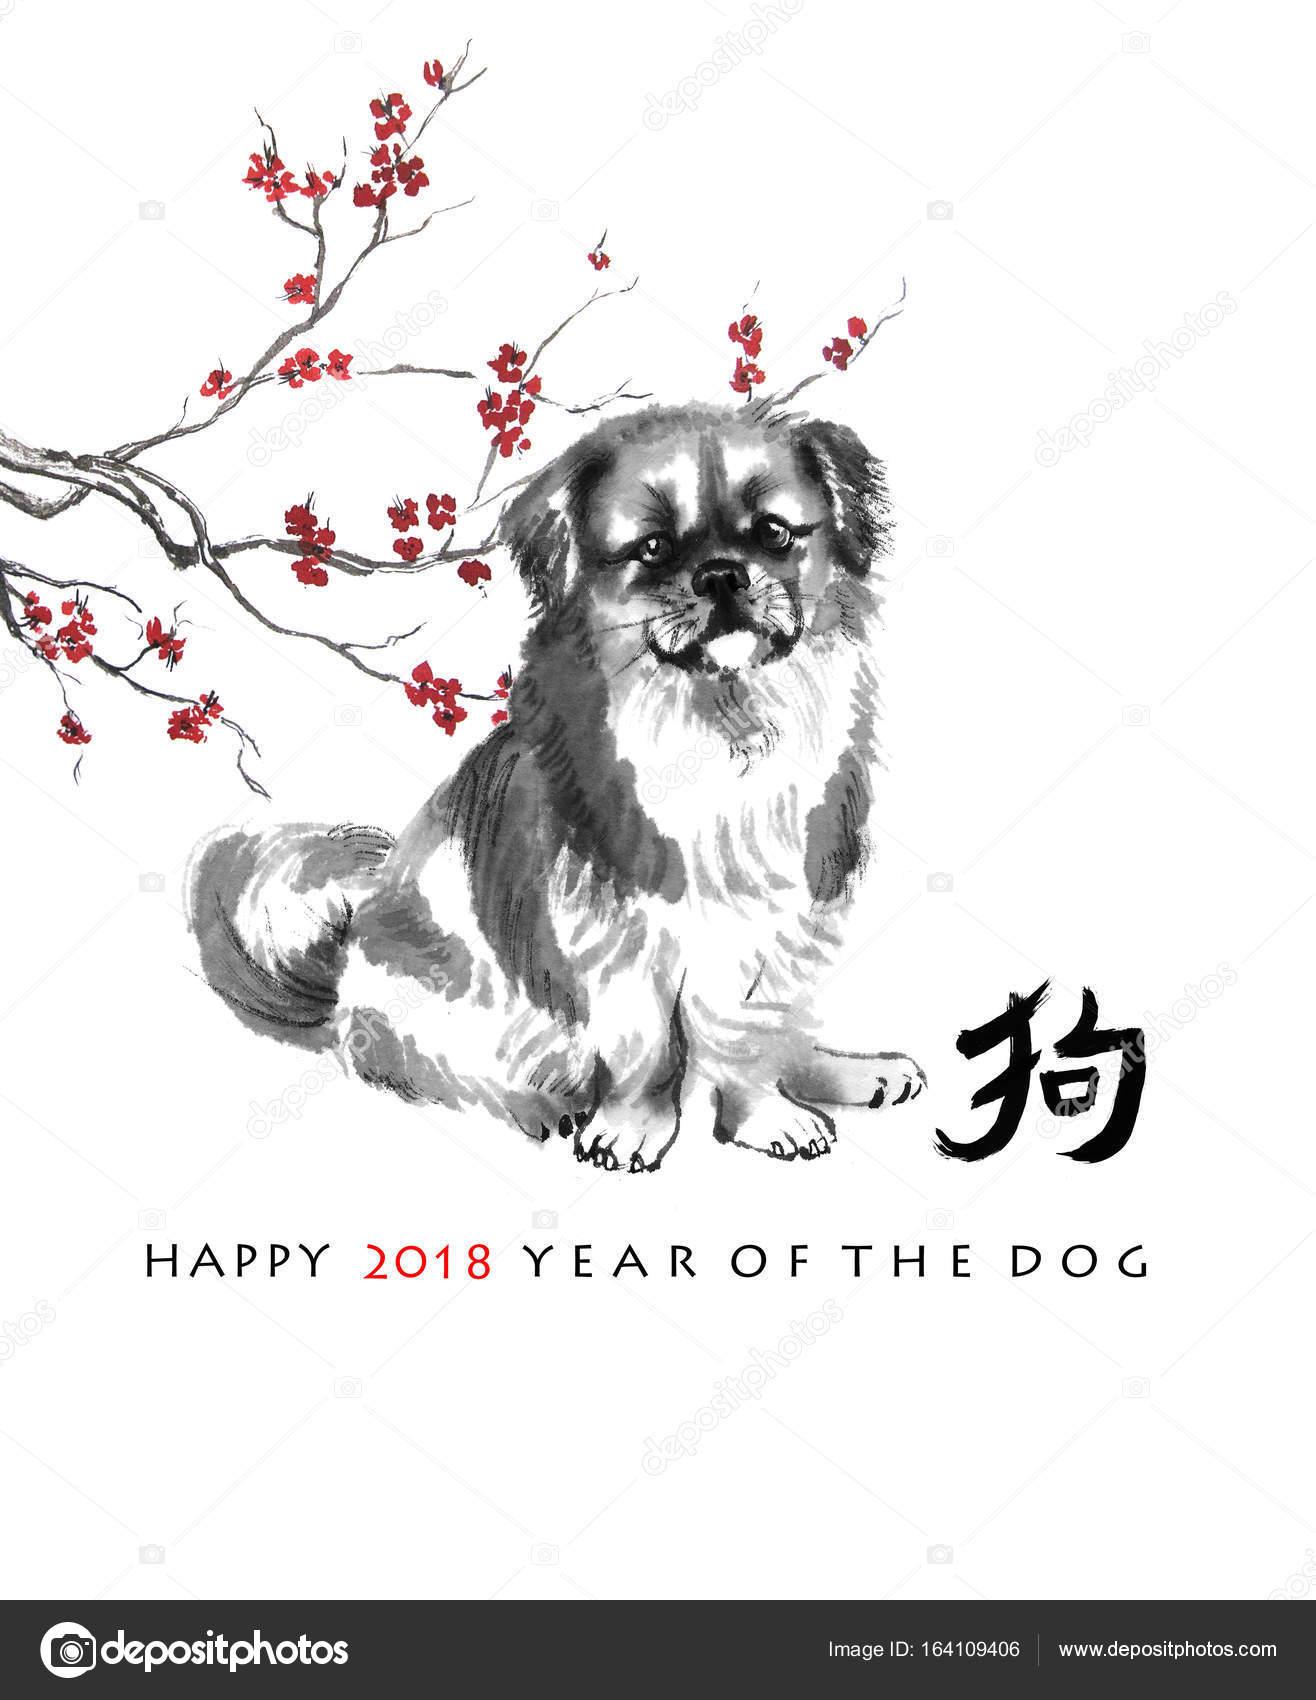 e gratulationskort År av hund sumi e gratulationskort — Stockfotografi © tabuday  e gratulationskort